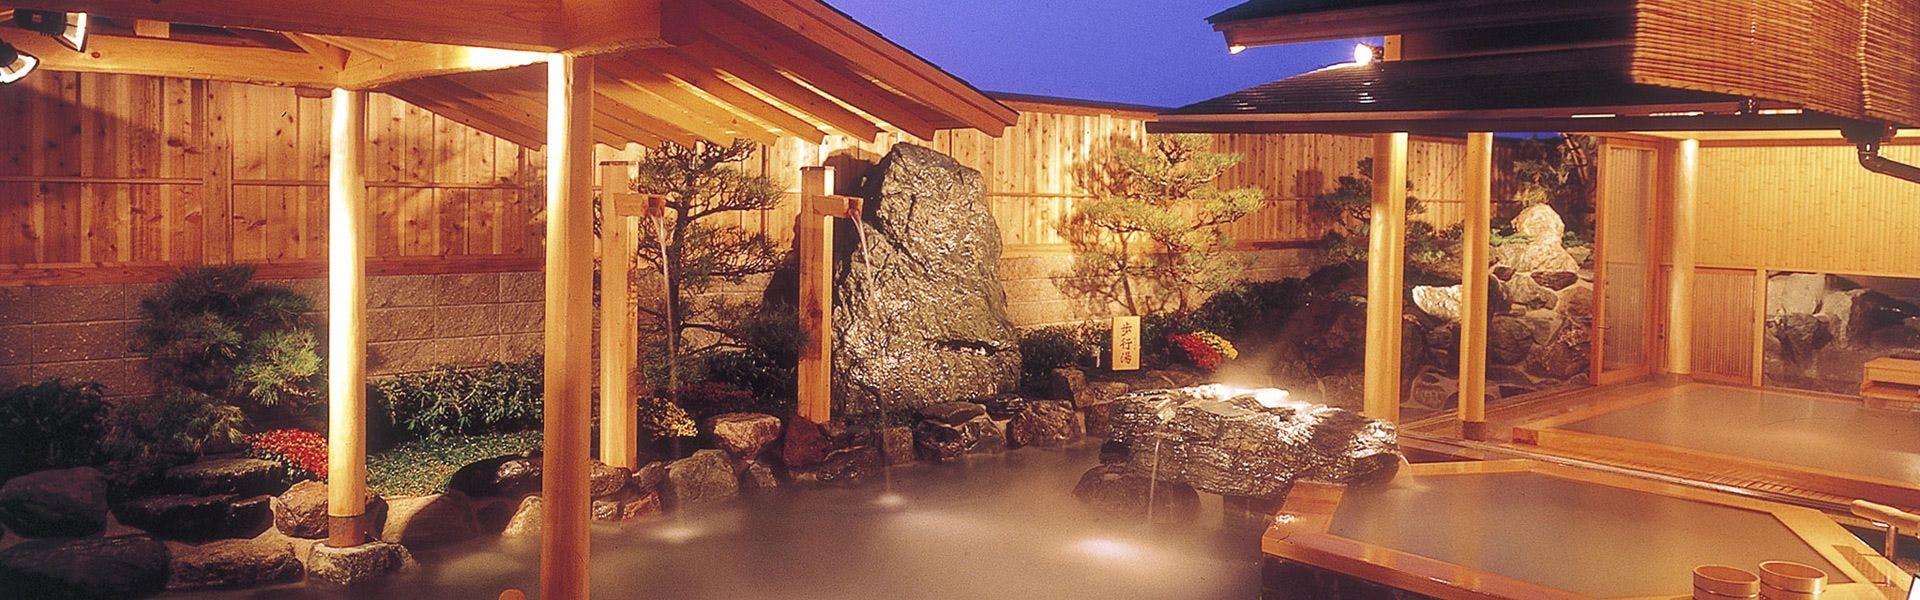 姉妹館温泉